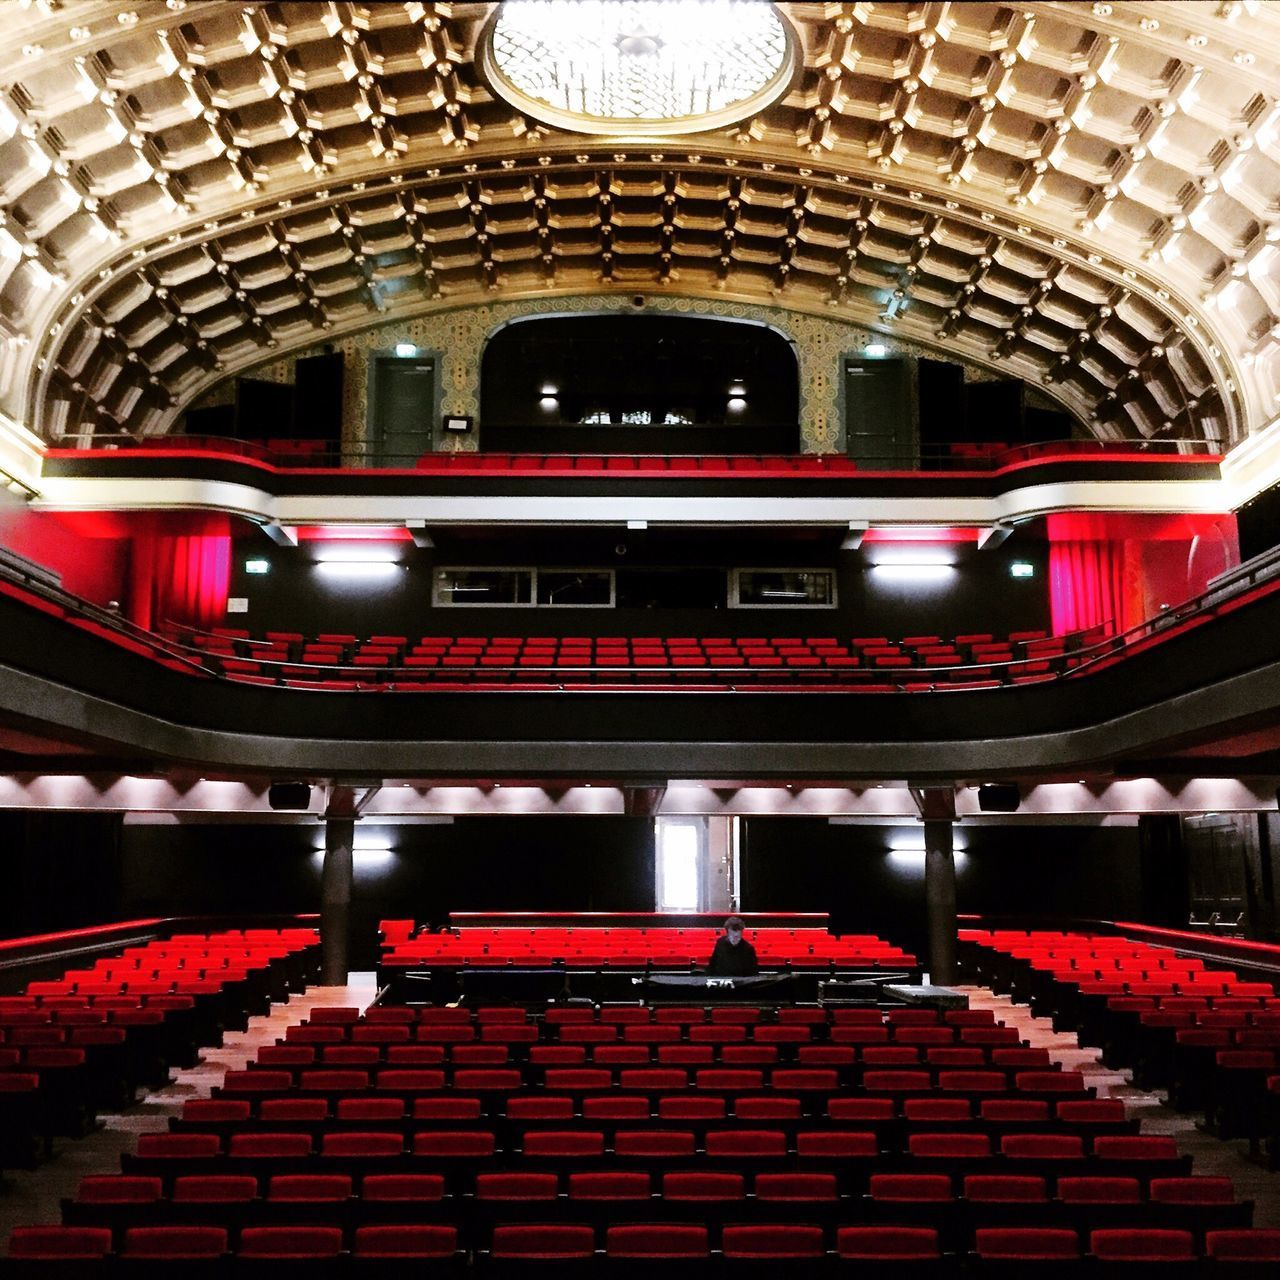 Hall Alhambra Salle De Concert Geneve, Switzerland Geneva Geneve Spectacle Auditorium Architecture Red